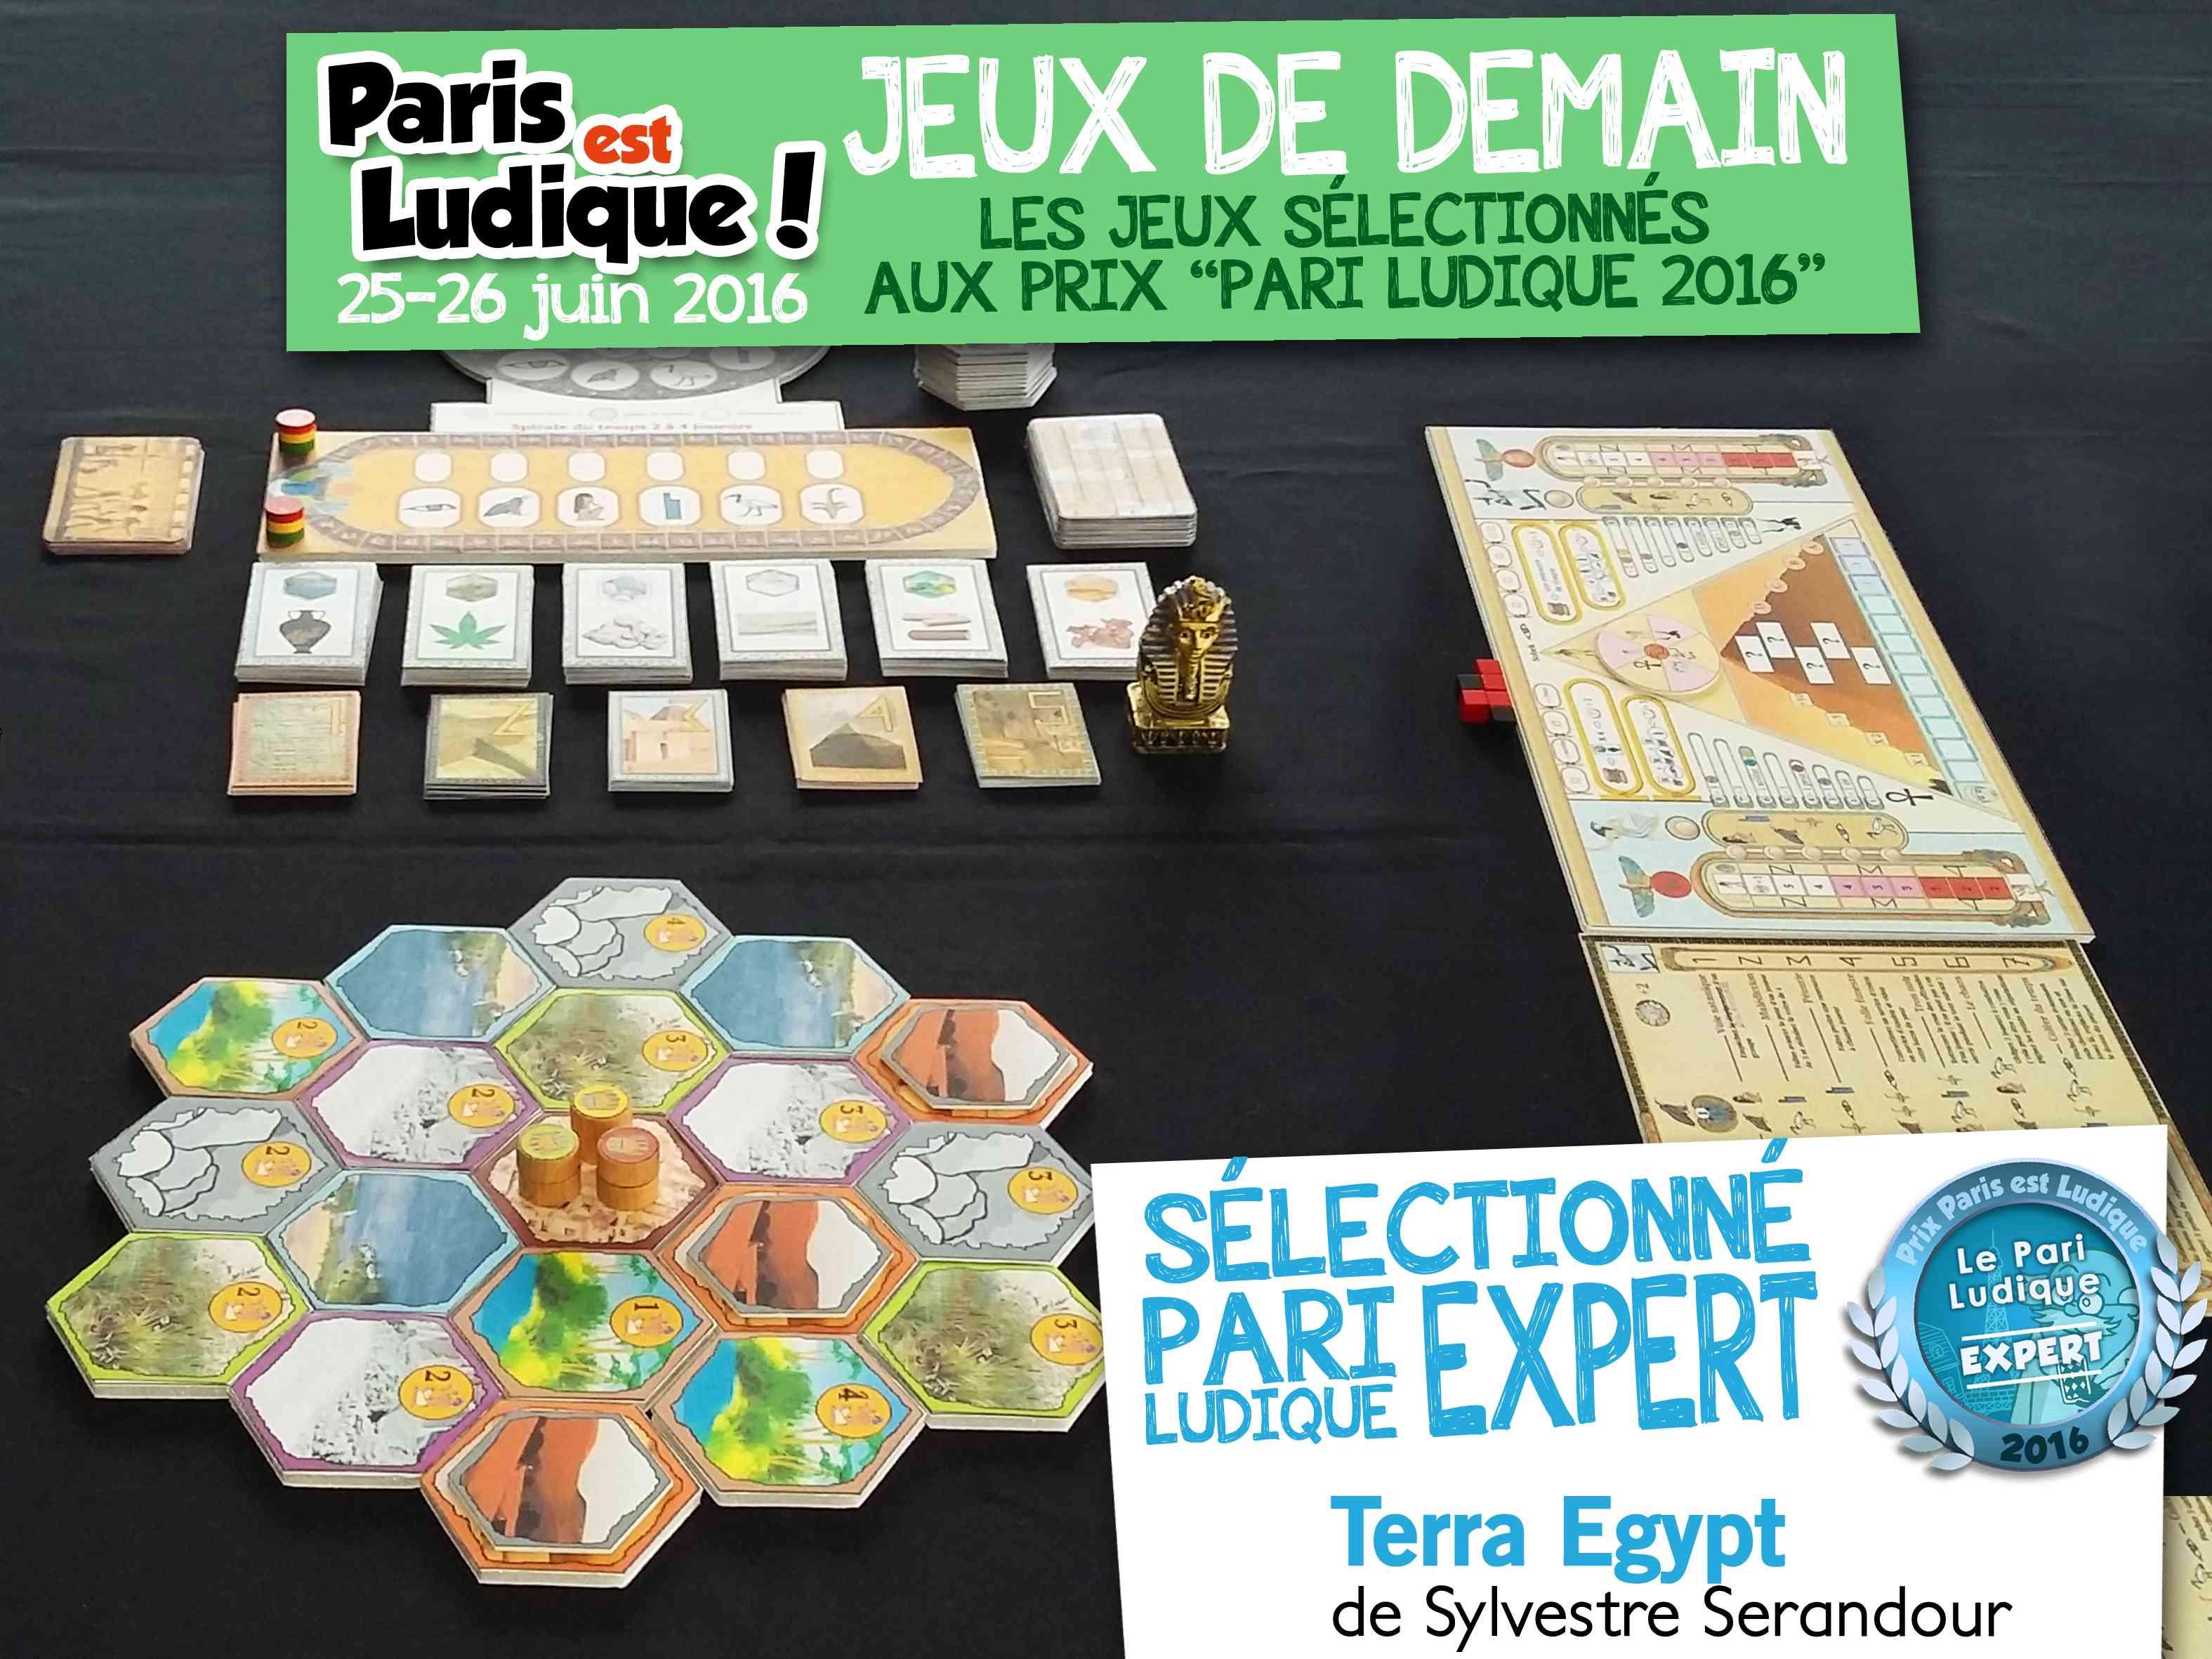 7 - Terra Egypt